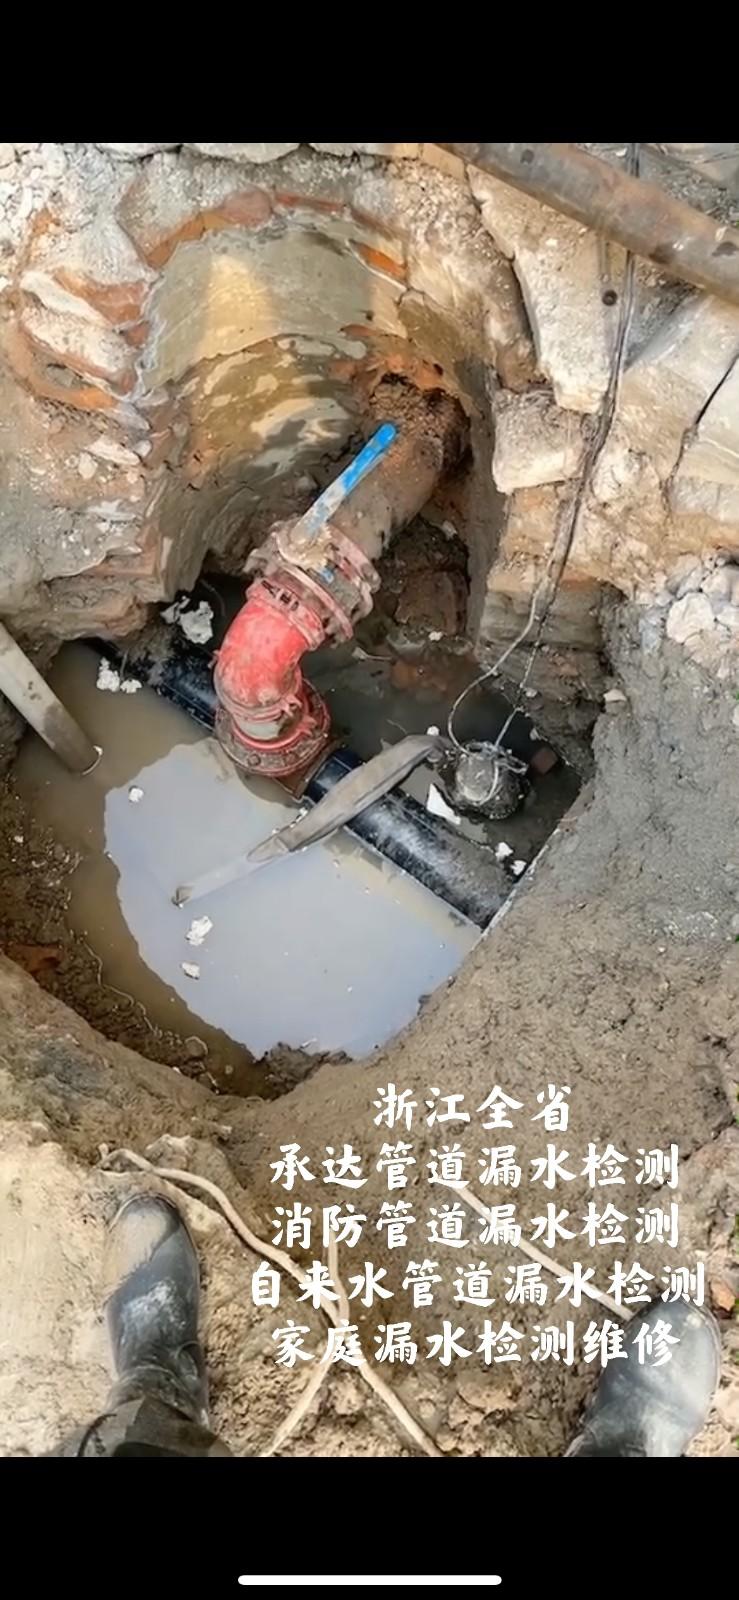 萧山区地下自来水漏水检测随叫随到